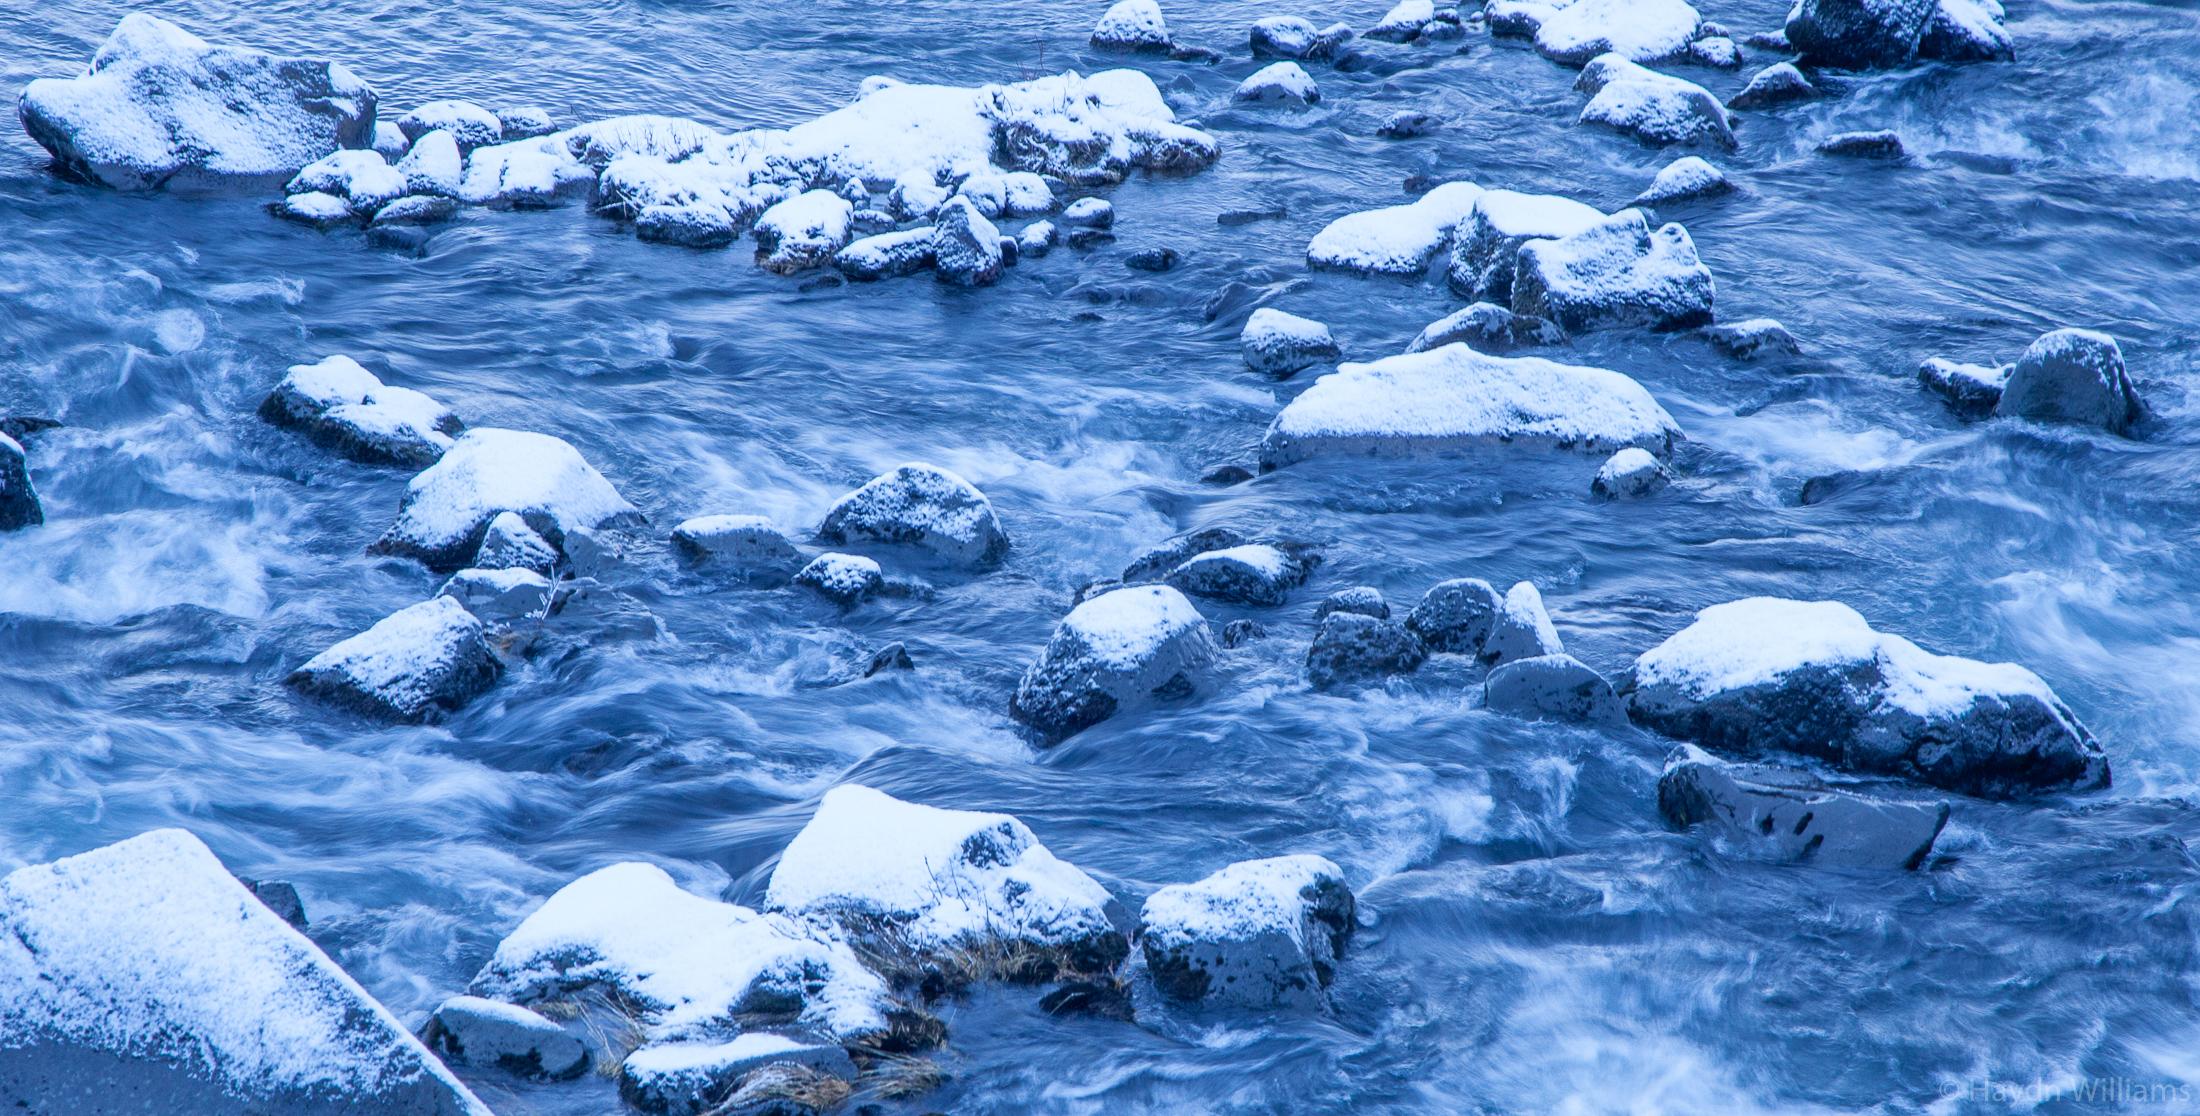 Öxará river, Þingvellir National Park. © Haydn Williams 2019